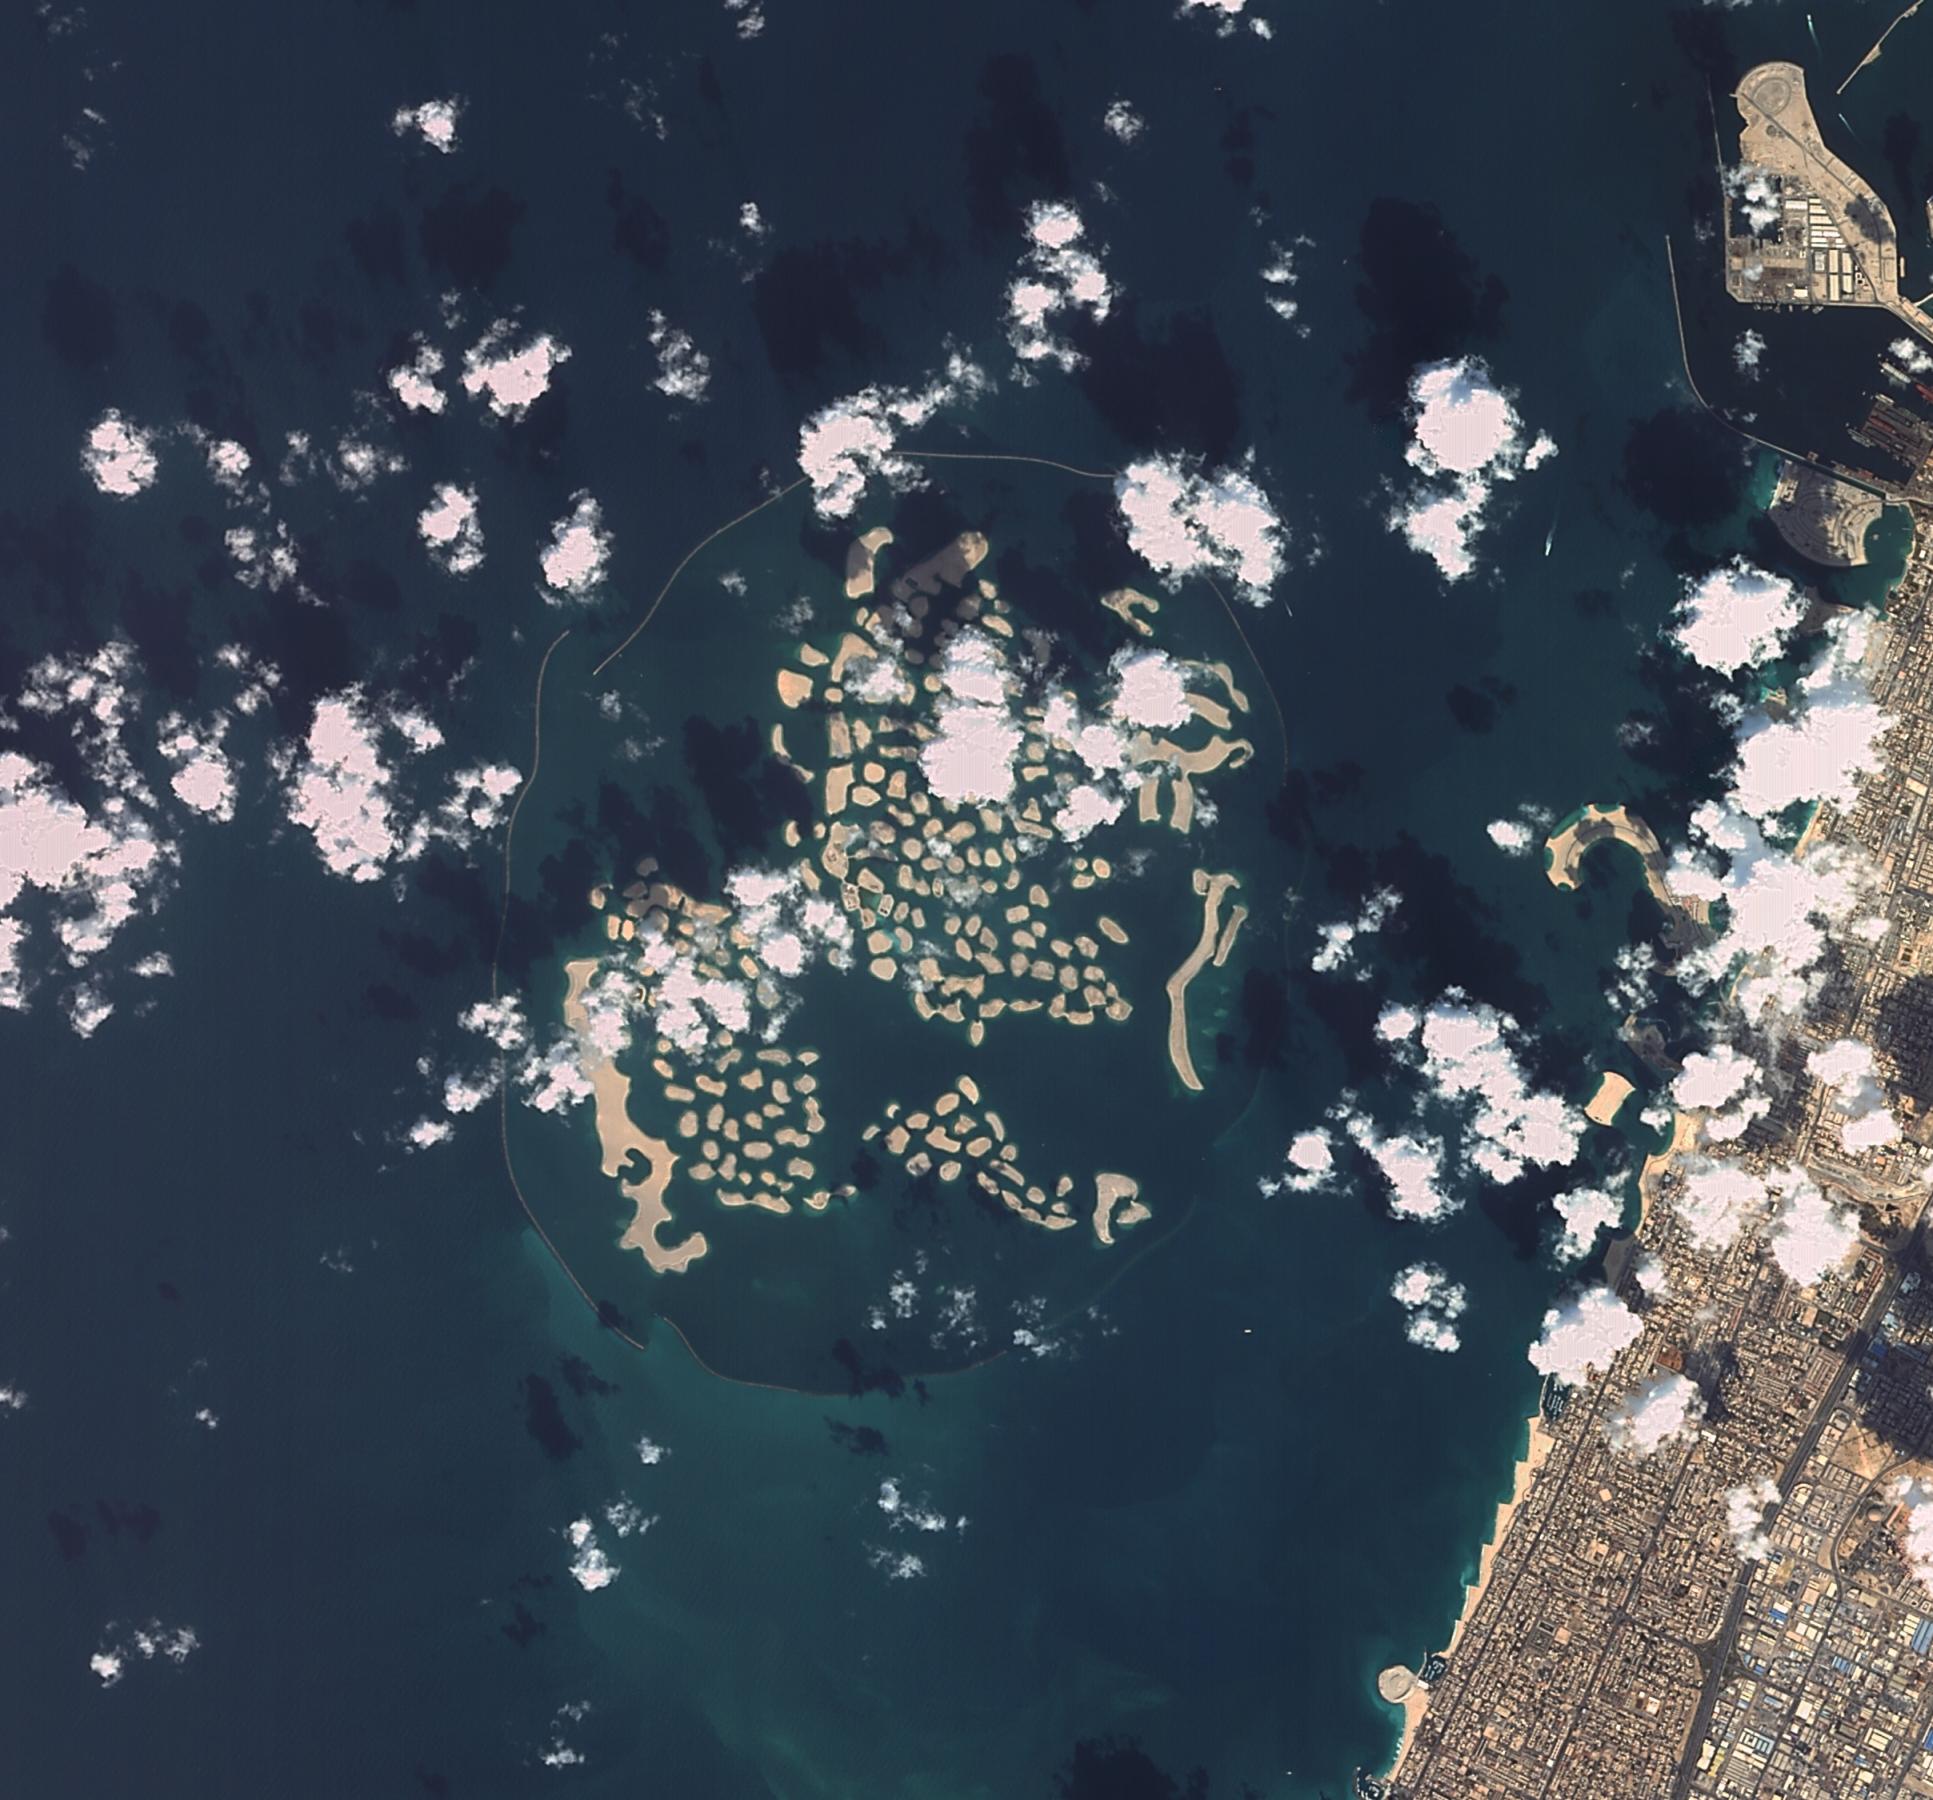 Dünya Adaları-Dubai 7 Ocak 2016